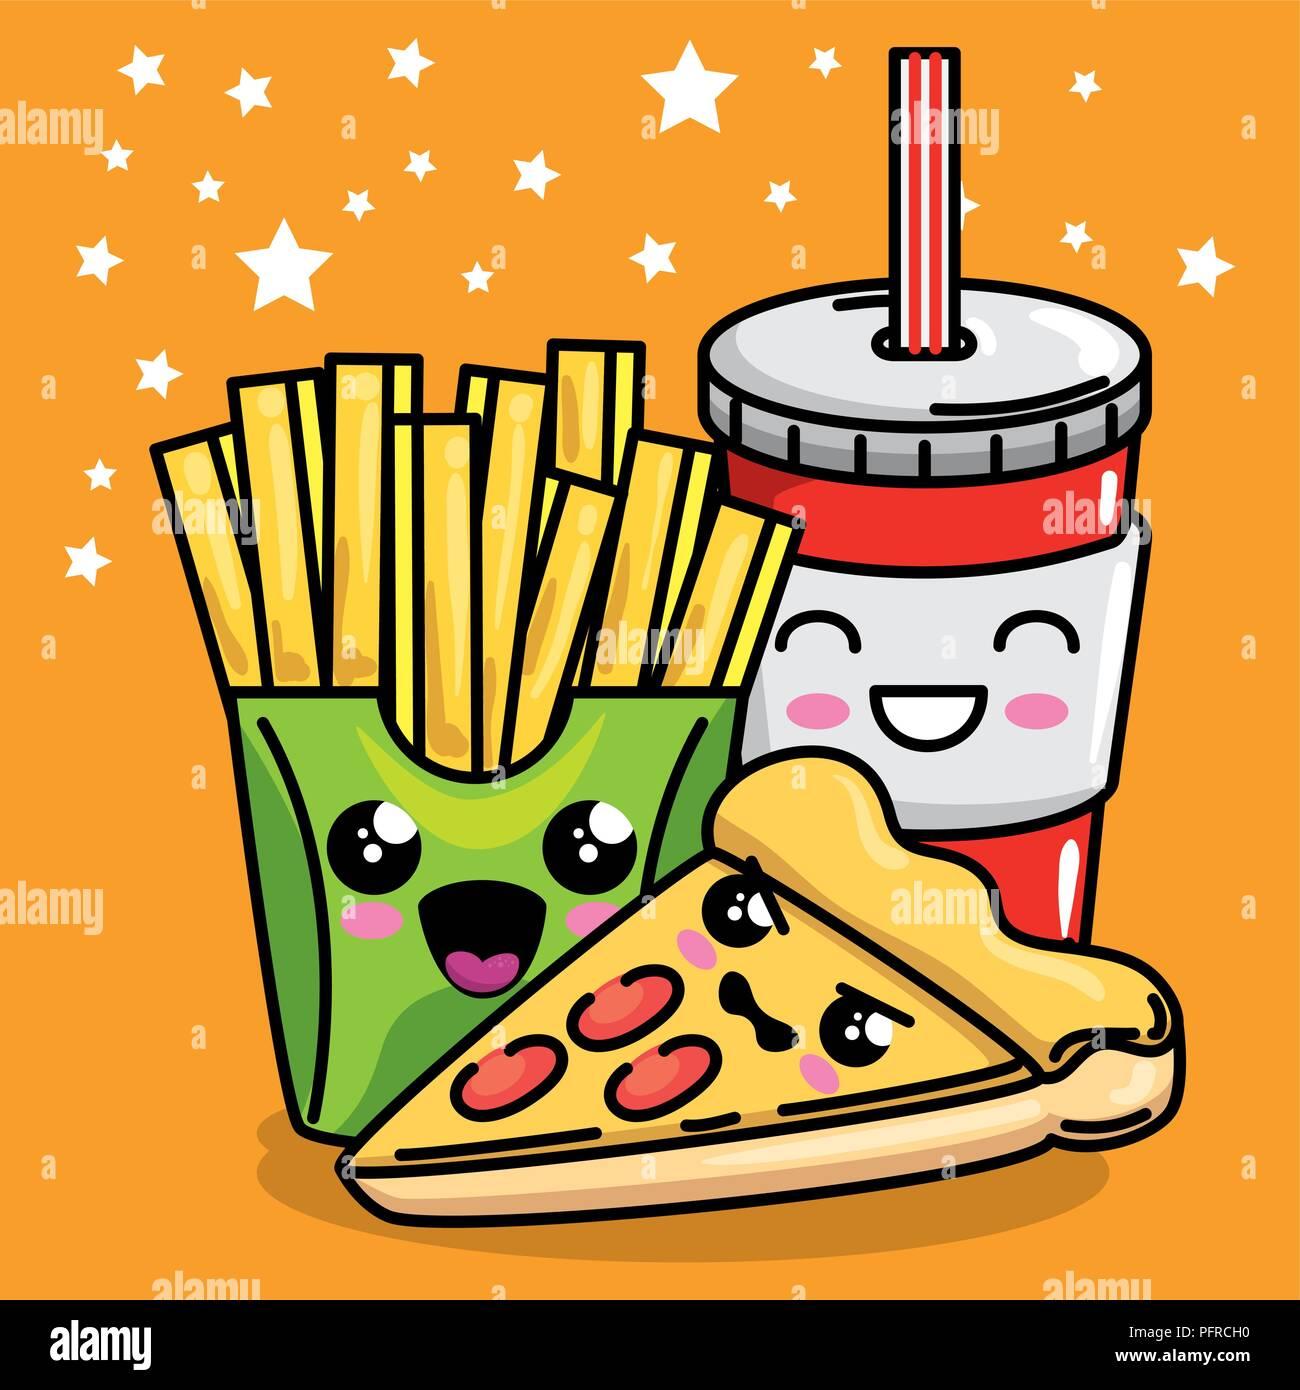 Kawaii Cute Happy Pizza Food Stockfotos Kawaii Cute Happy